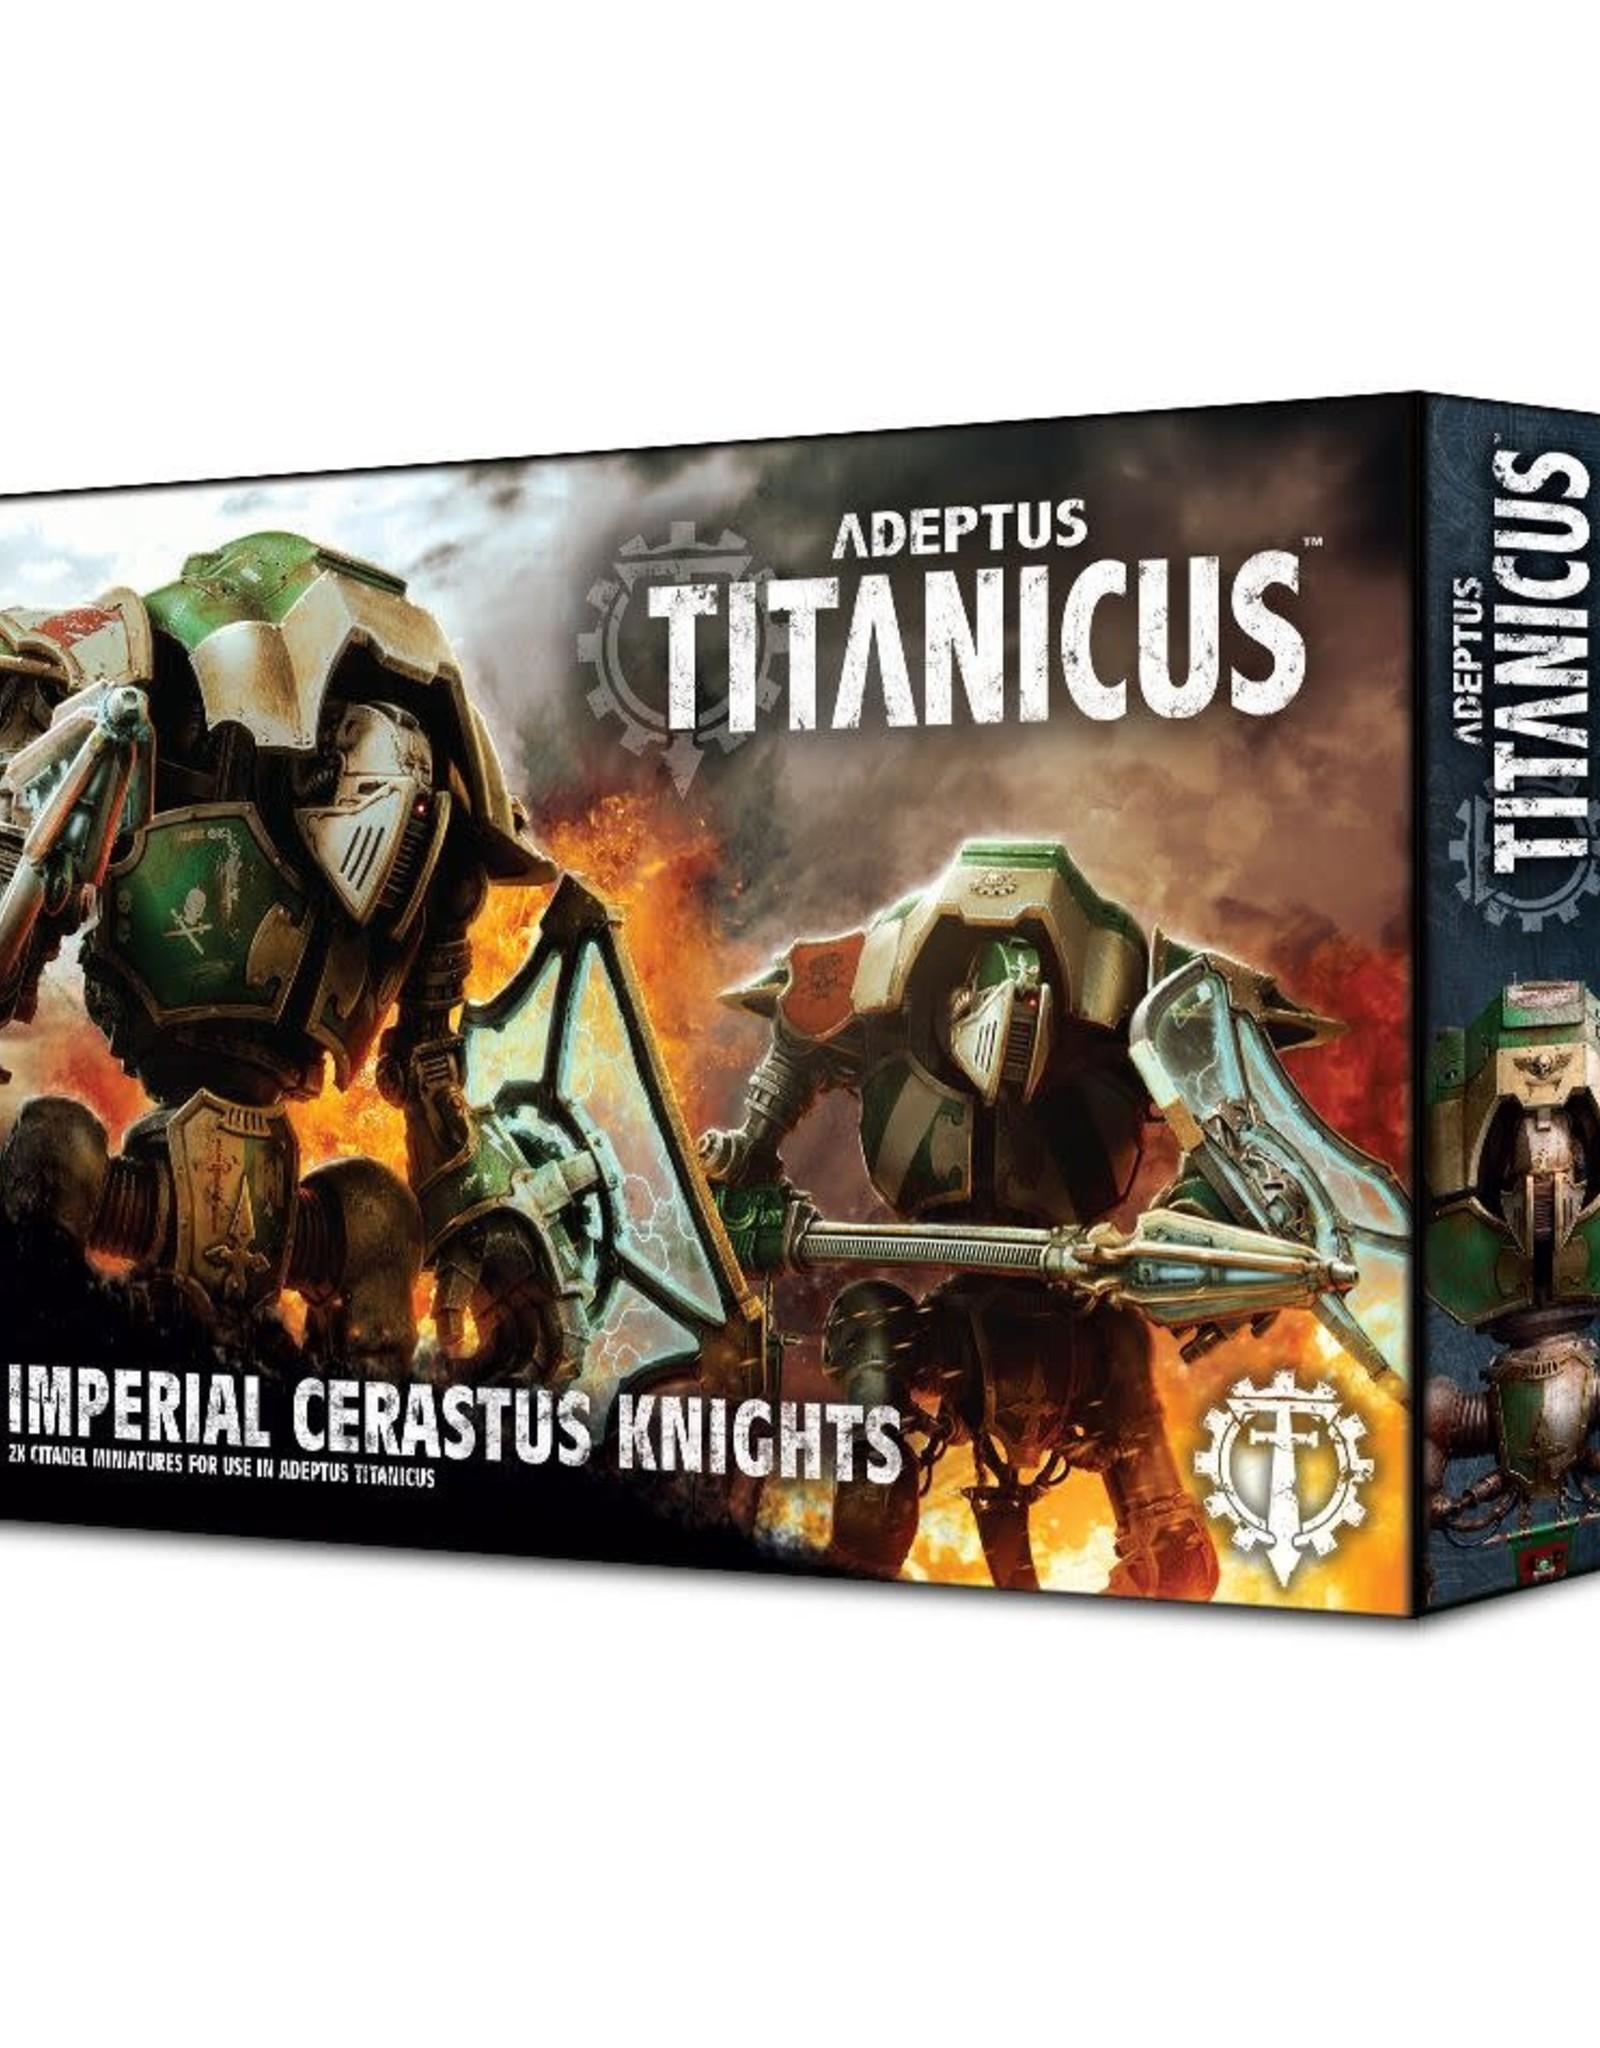 Adeptus Titanicus Adeptus Titanicus Cerastus Knights